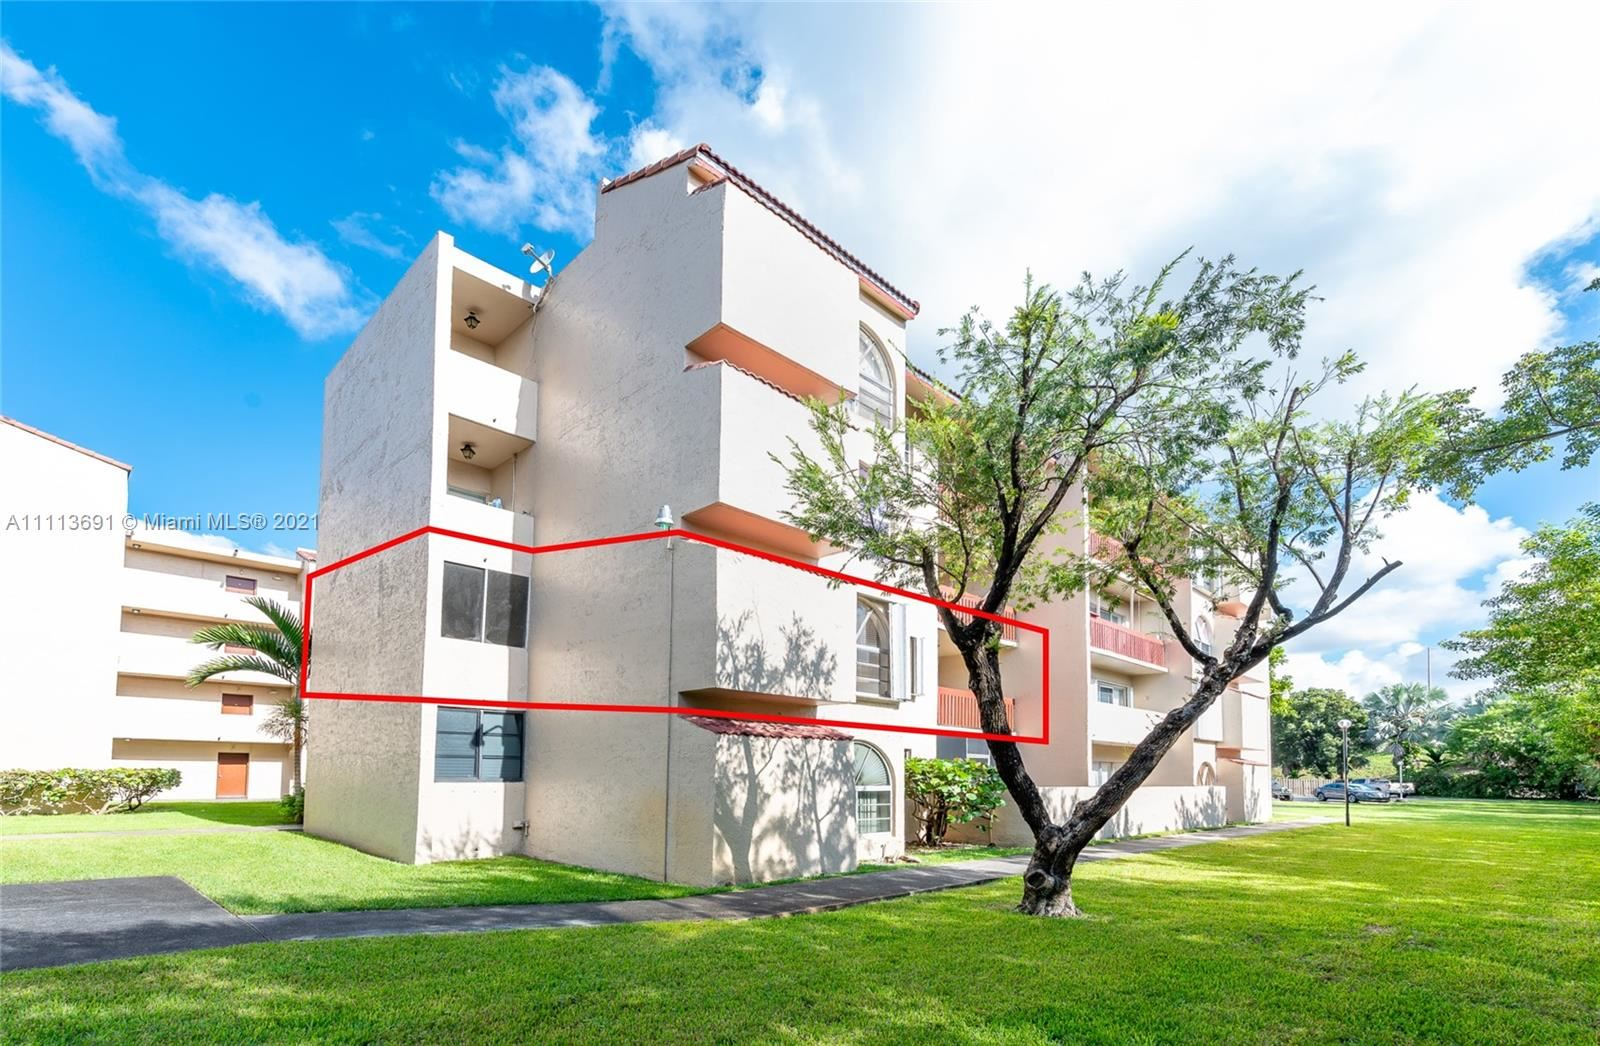 10651 SW 108th Ave #2H, Miami, FL 33176 - #: A11113691